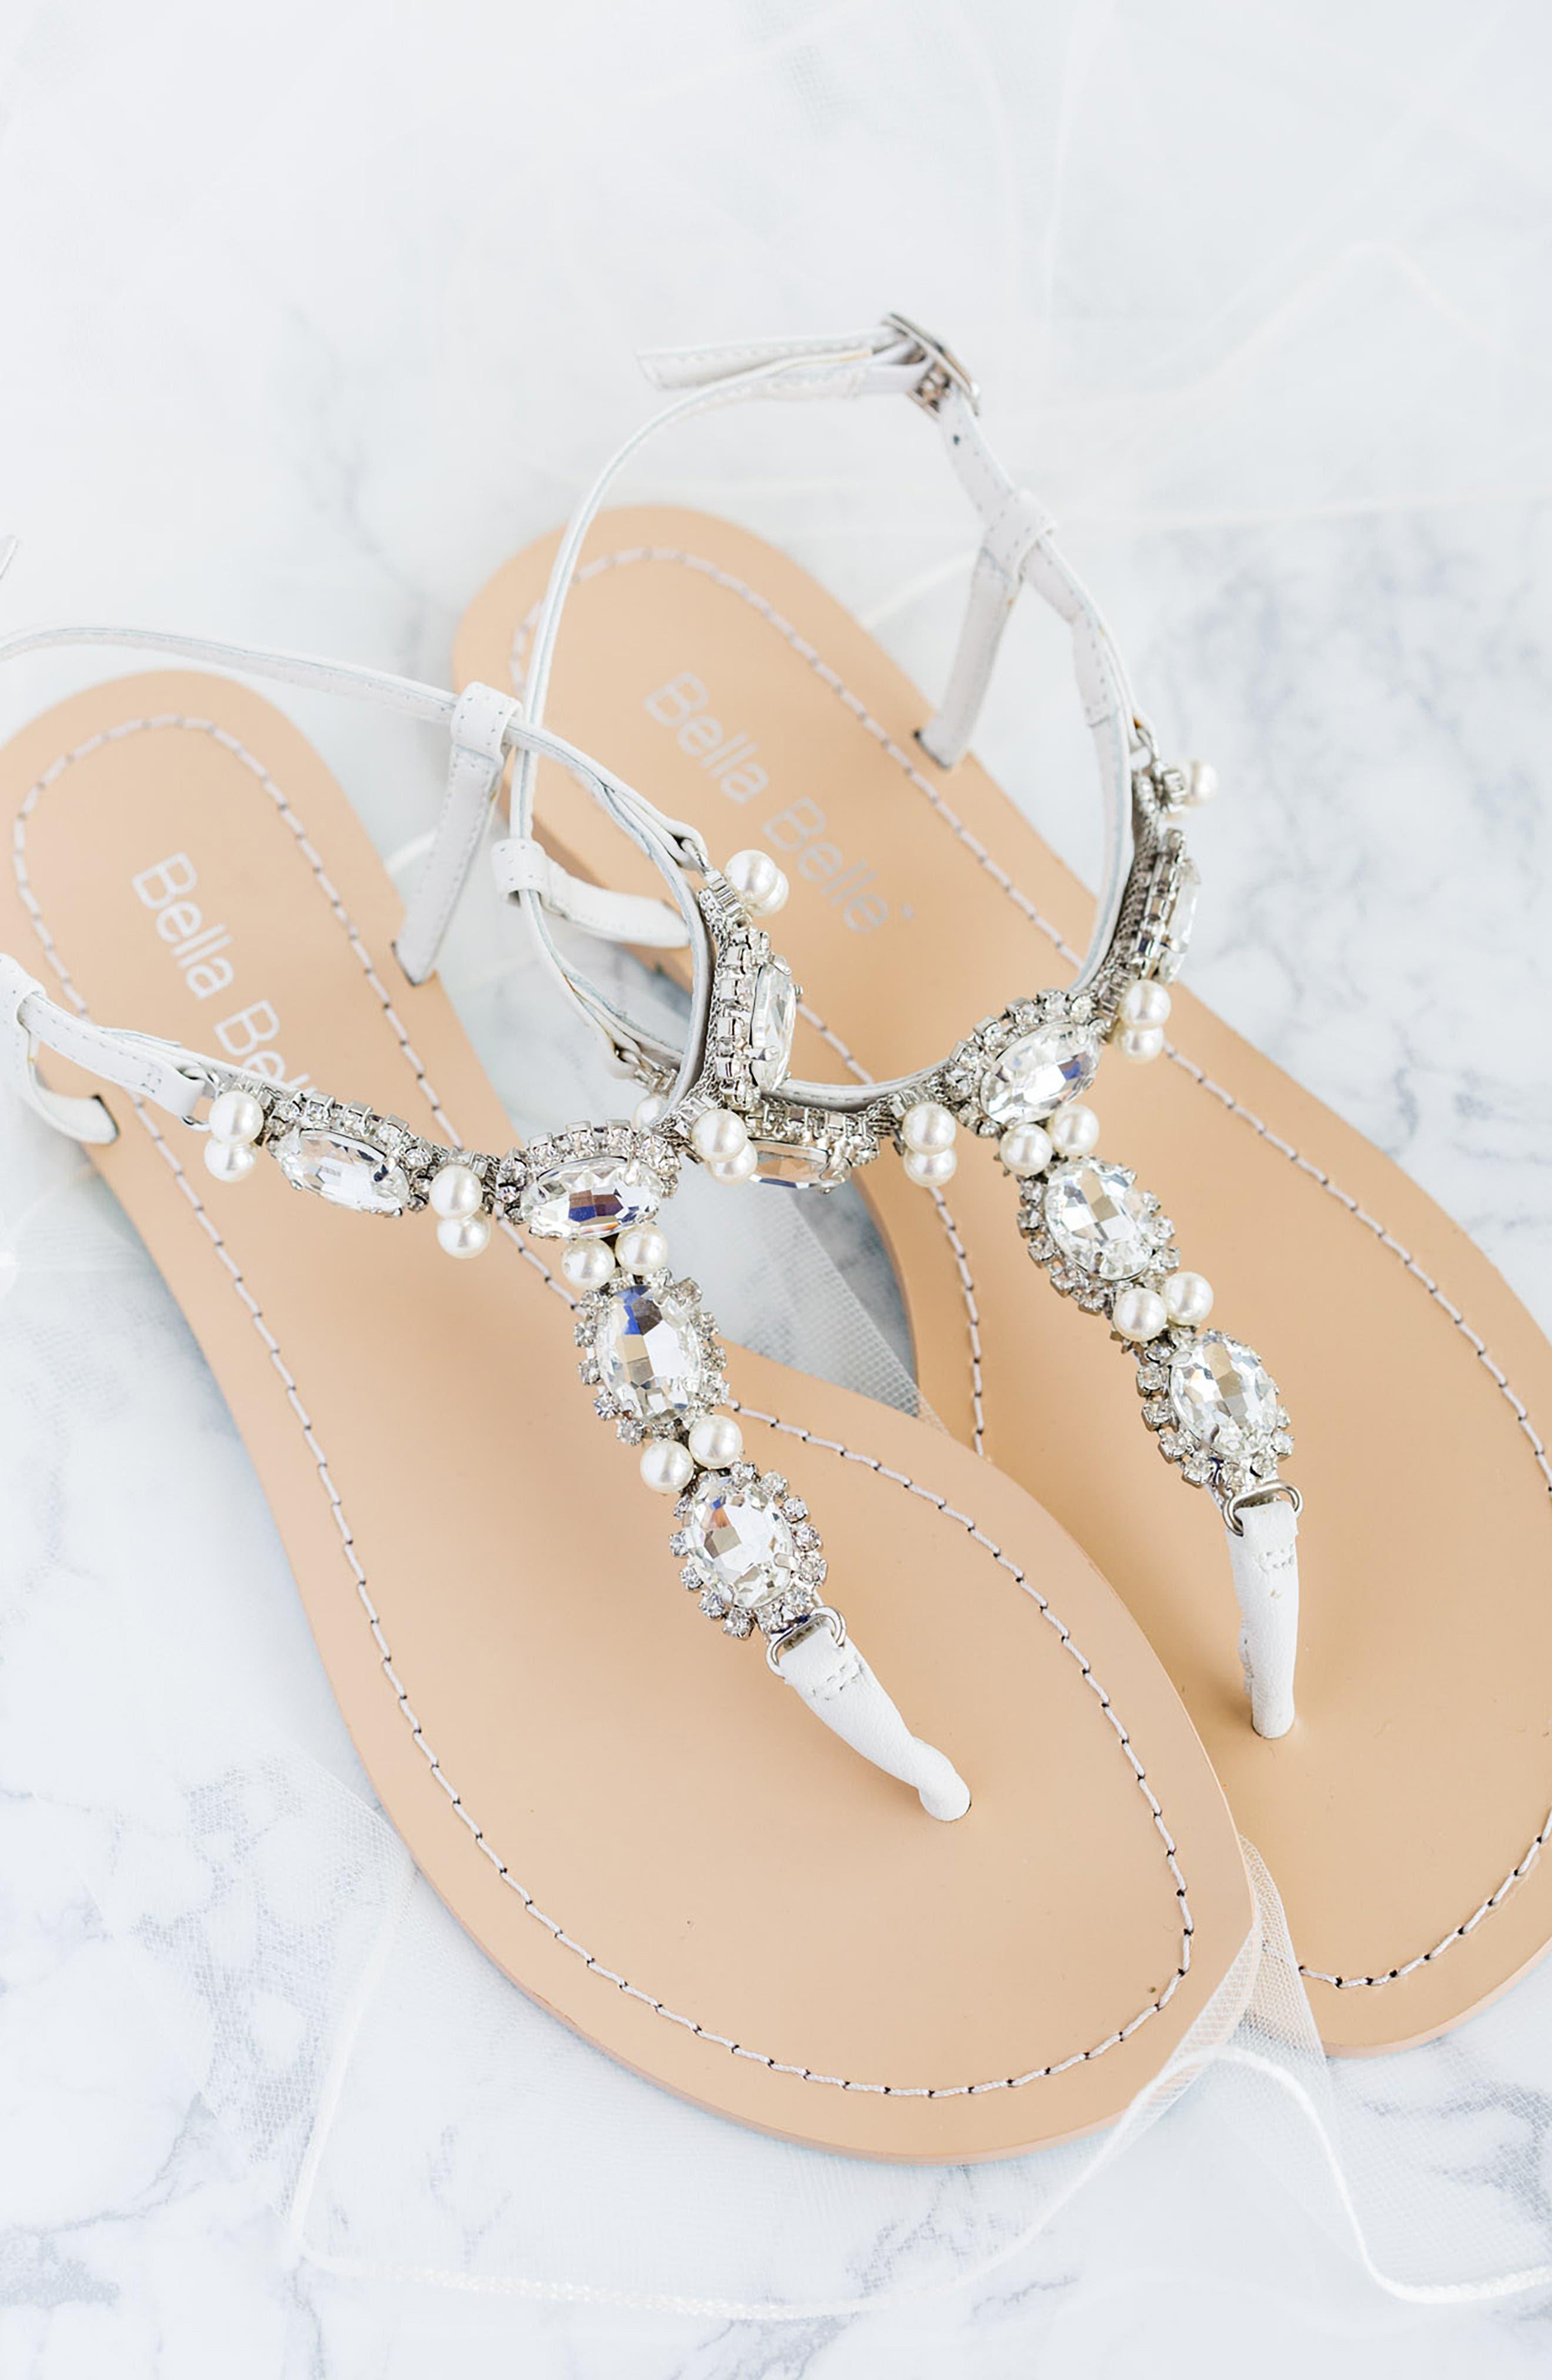 BELLA BELLE,                             Hera Embellished T-Strap Sandal,                             Alternate thumbnail 7, color,                             OFF WHITE LEATHER